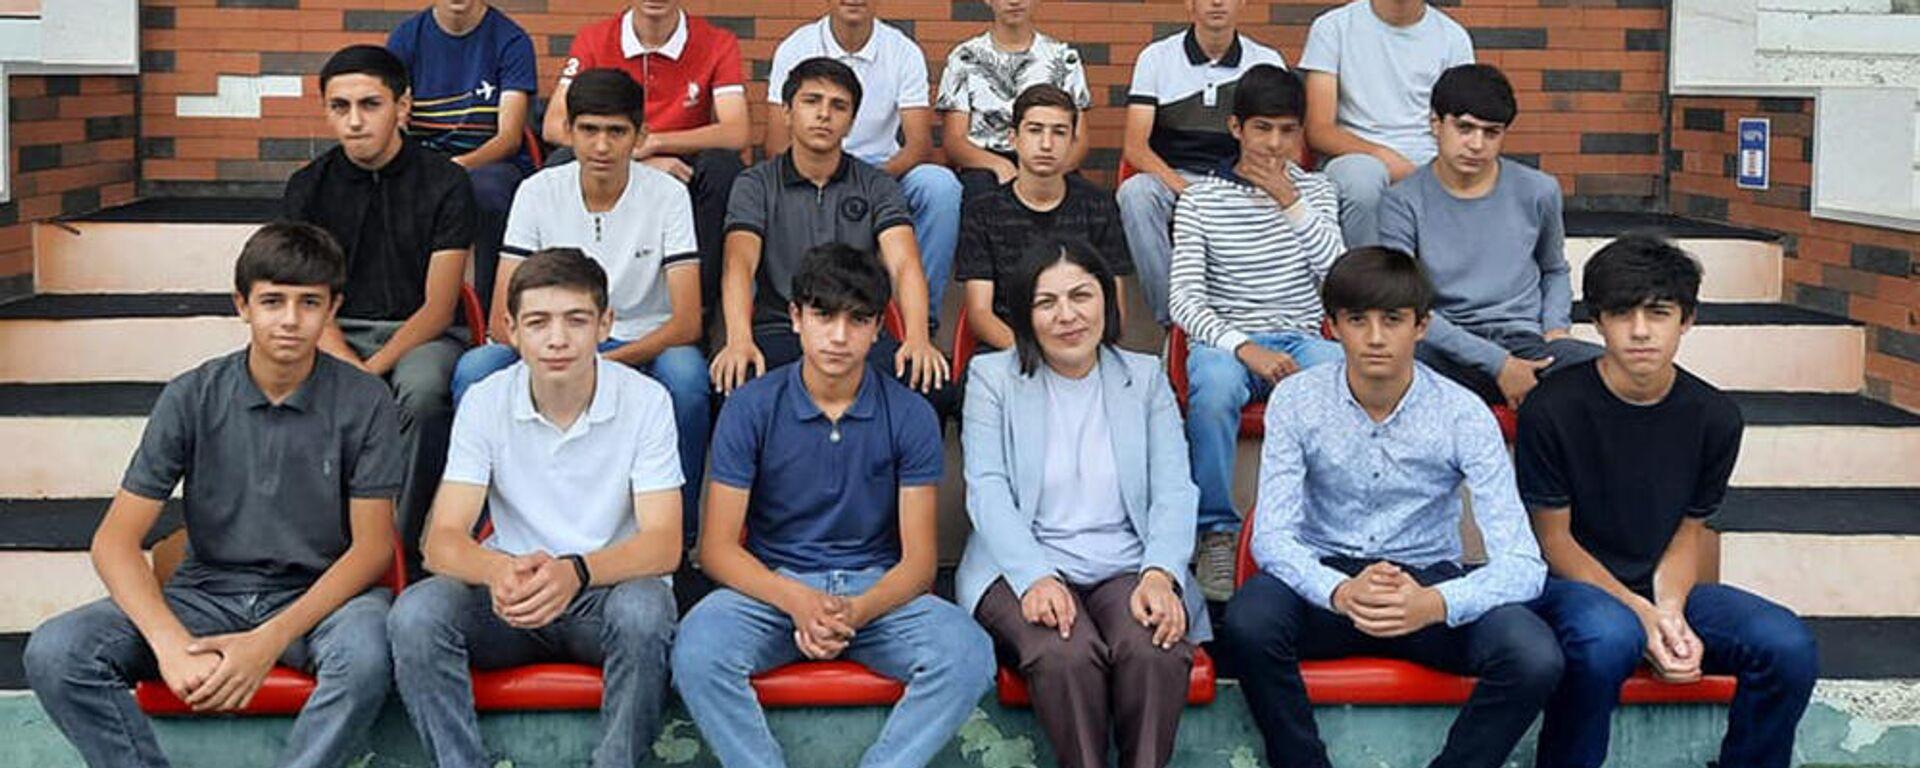 Министр образования Карабаха встретилась с футболистами молодежного клуба Лернаин Арцах - Sputnik Արմենիա, 1920, 18.09.2021